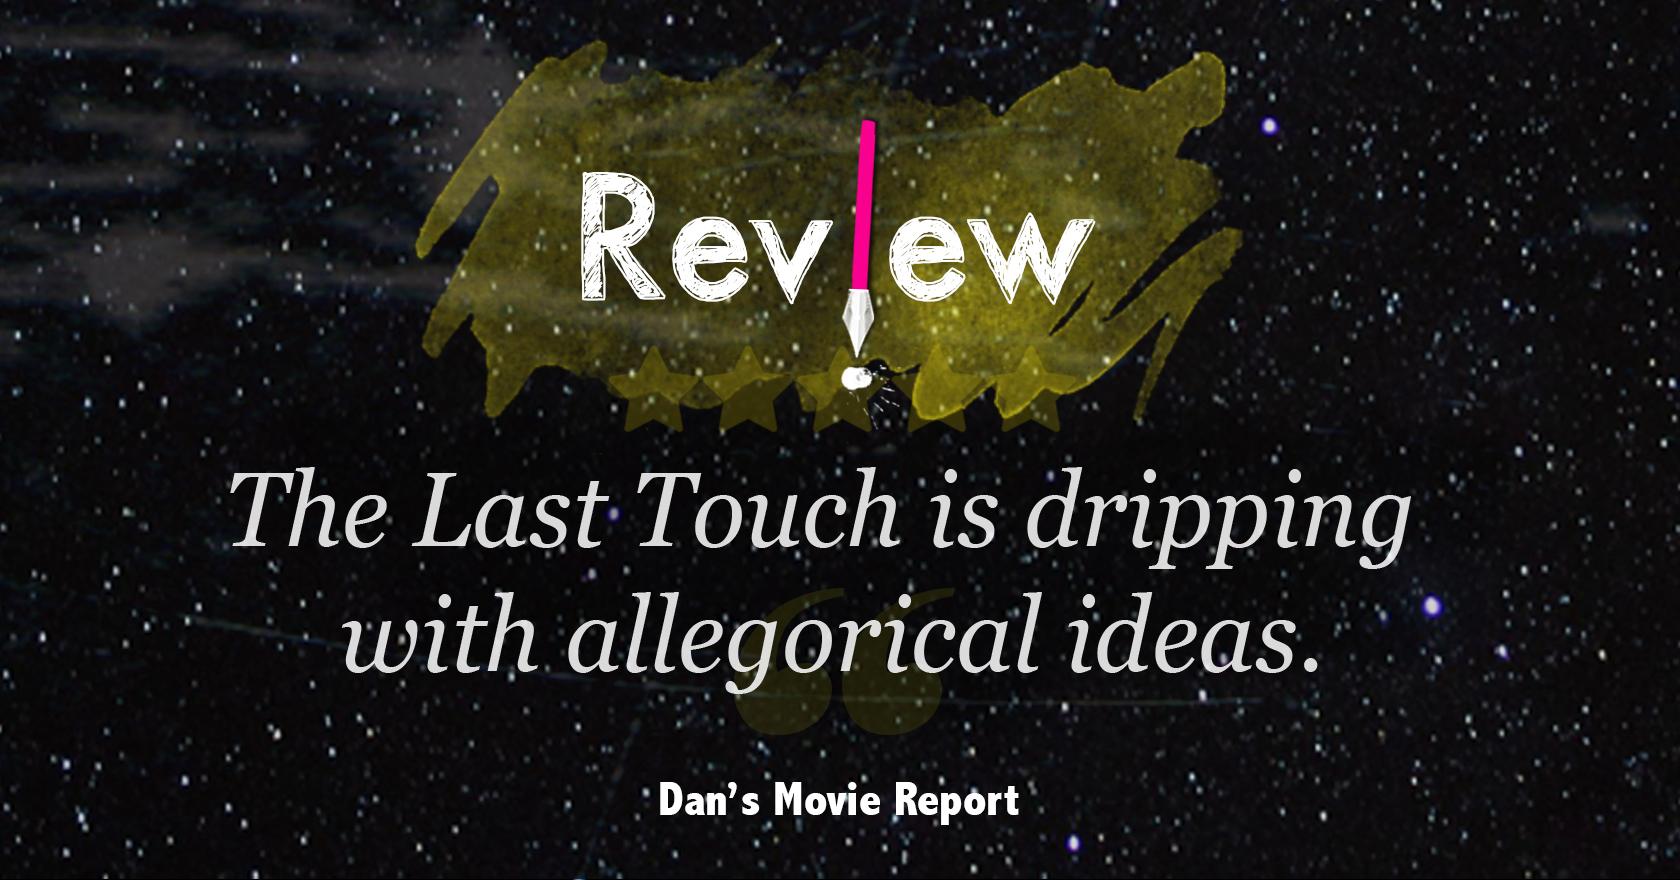 Dan's Movie Report Review